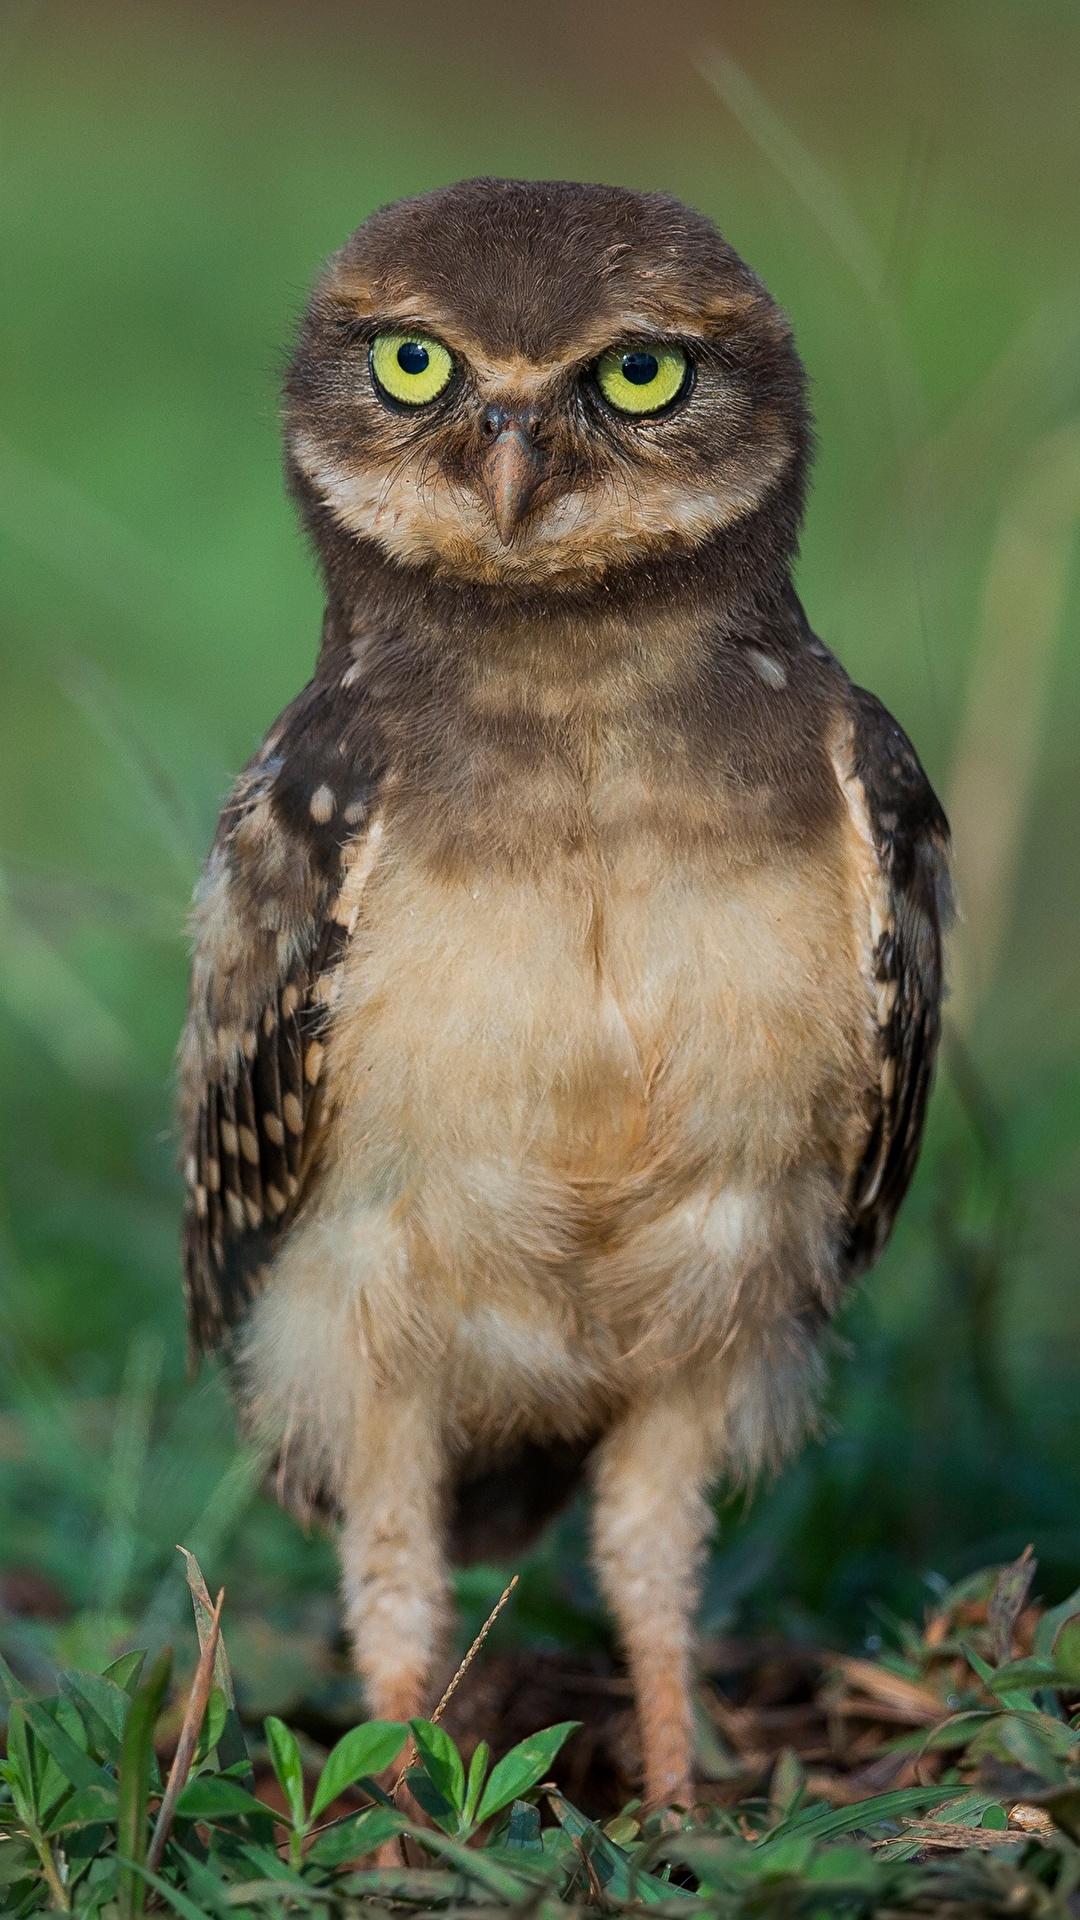 Fondos De Pantalla 1080x1920 Buhos Aves Athene Animalia Descargar